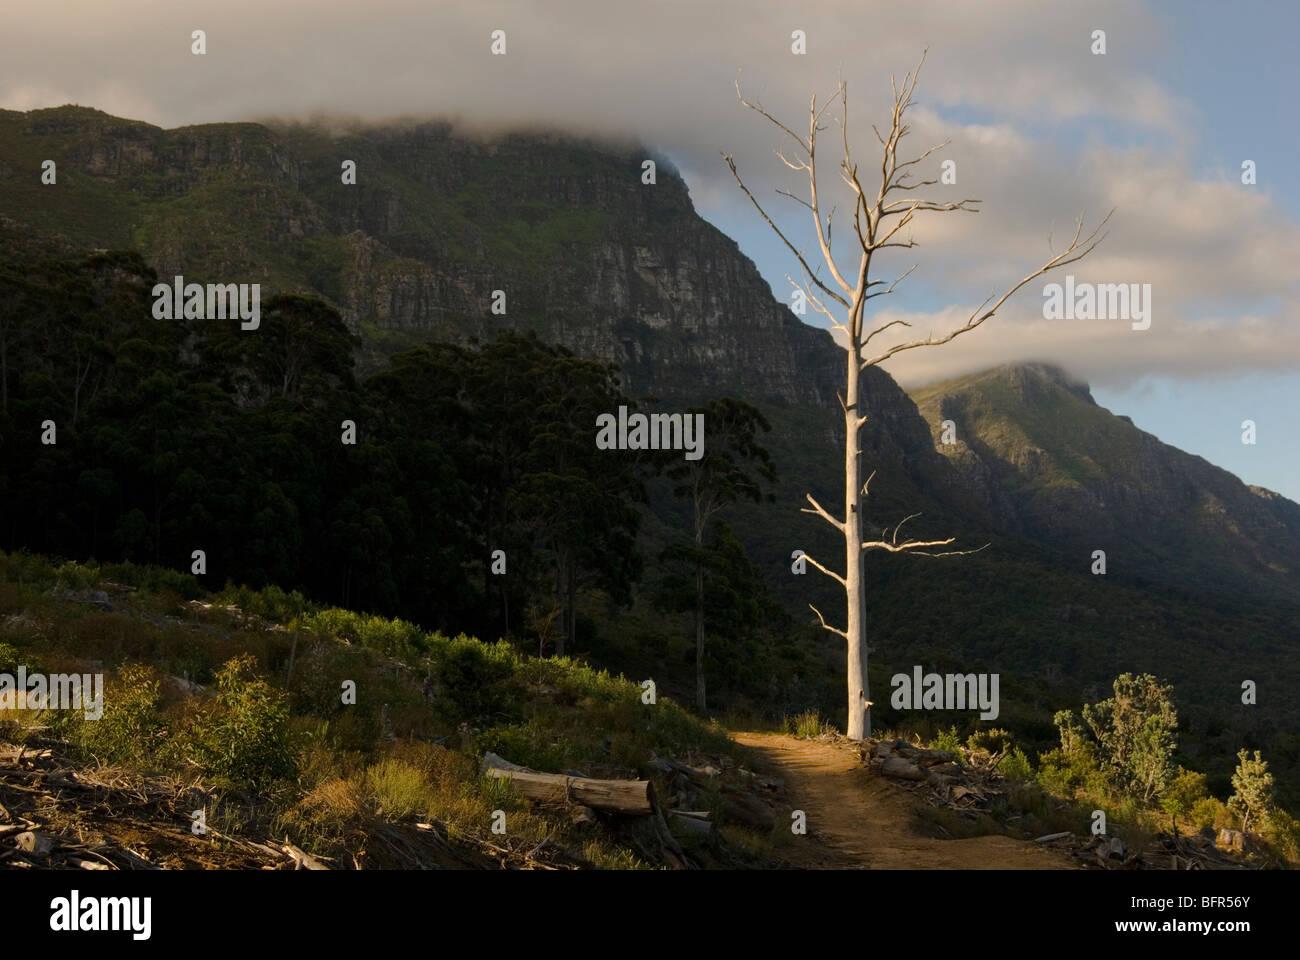 Ruta de contorno por encima de Kirstenbosch jardines con árbol muerto Imagen De Stock